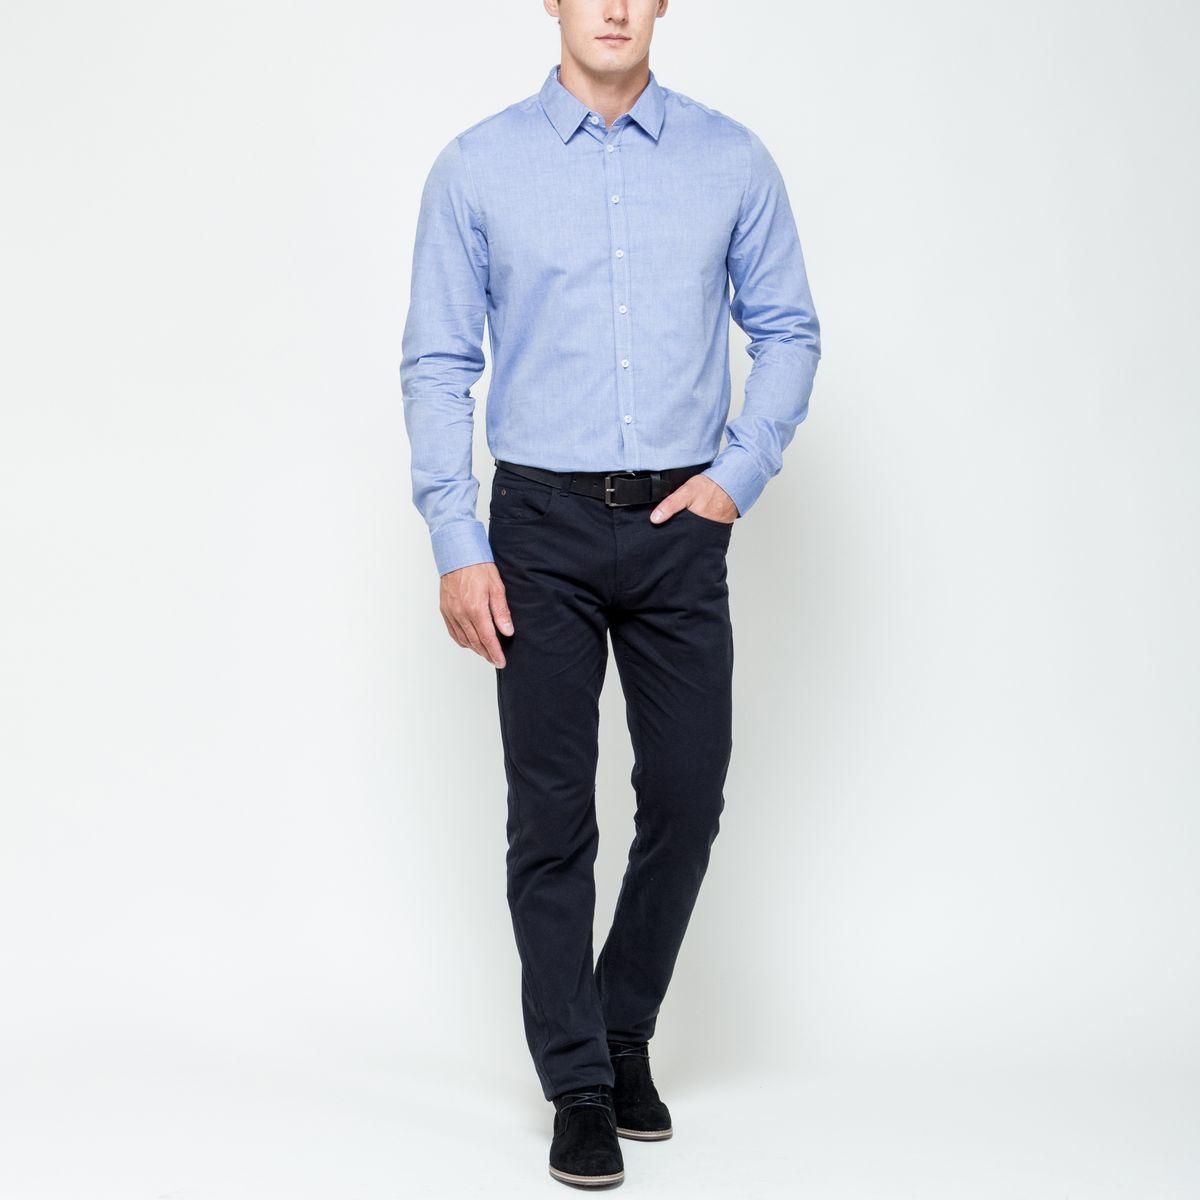 РубашкаH-212/701-6321Стильная мужская рубашка Sela, выполненная из натурального хлопка, позволяет коже дышать, тем самым обеспечивая наибольший комфорт при носке. Модель классического кроя с отложным воротником и длинными рукавами застегивается на пуговицы по всей длине. Манжеты рукавов дополнены застежками-пуговицами.